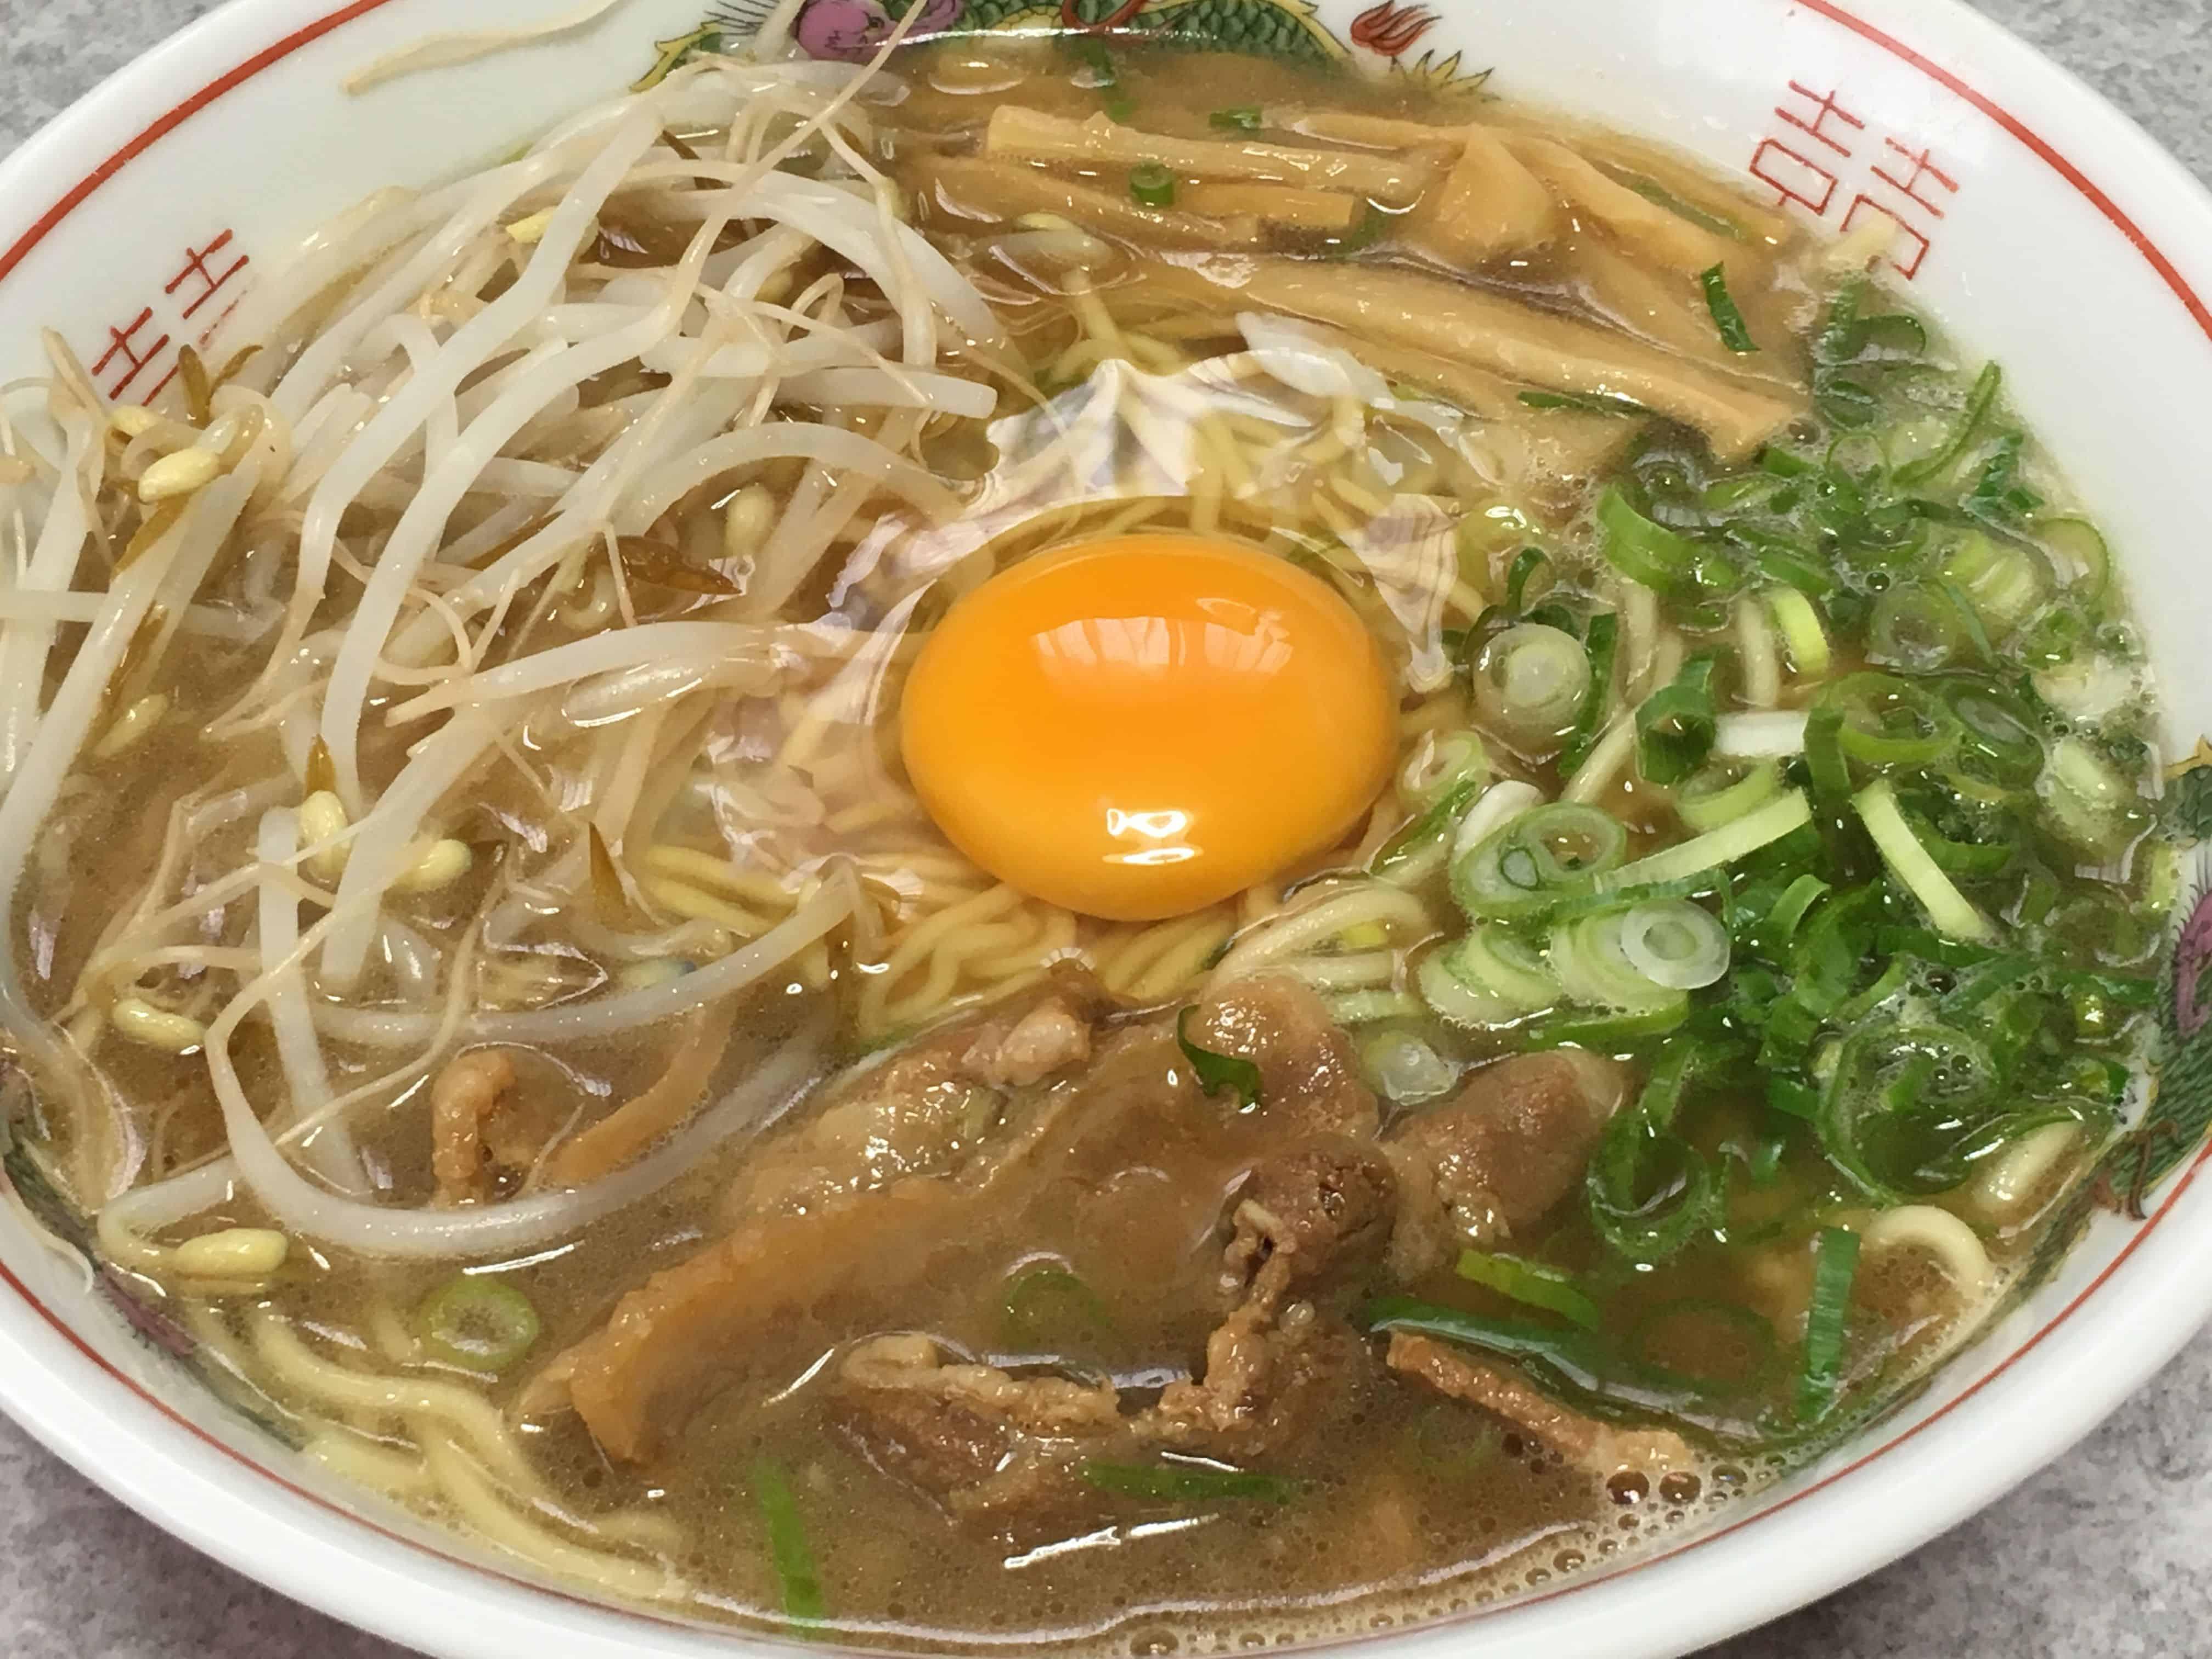 โทคุชิมะราเมน (Tokushima Ramen : 徳島ラーメン) อาหารประจำจังหวัดโทคุชิมะ